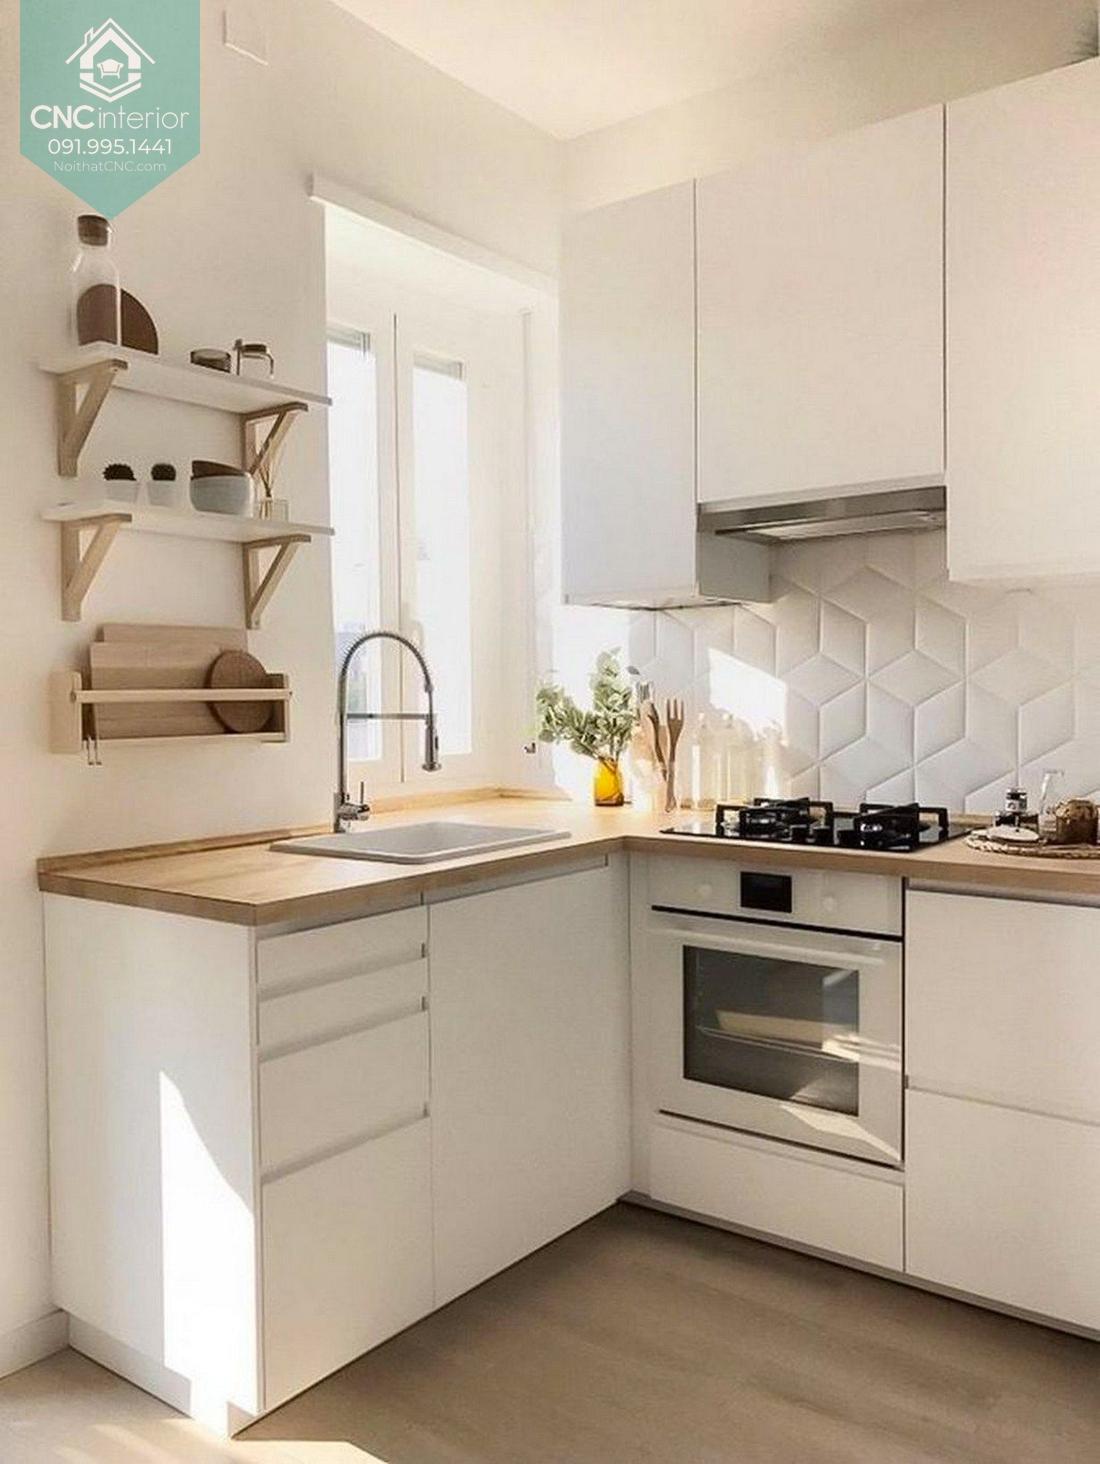 Nhà bếp đơn giản mà đẹp 4